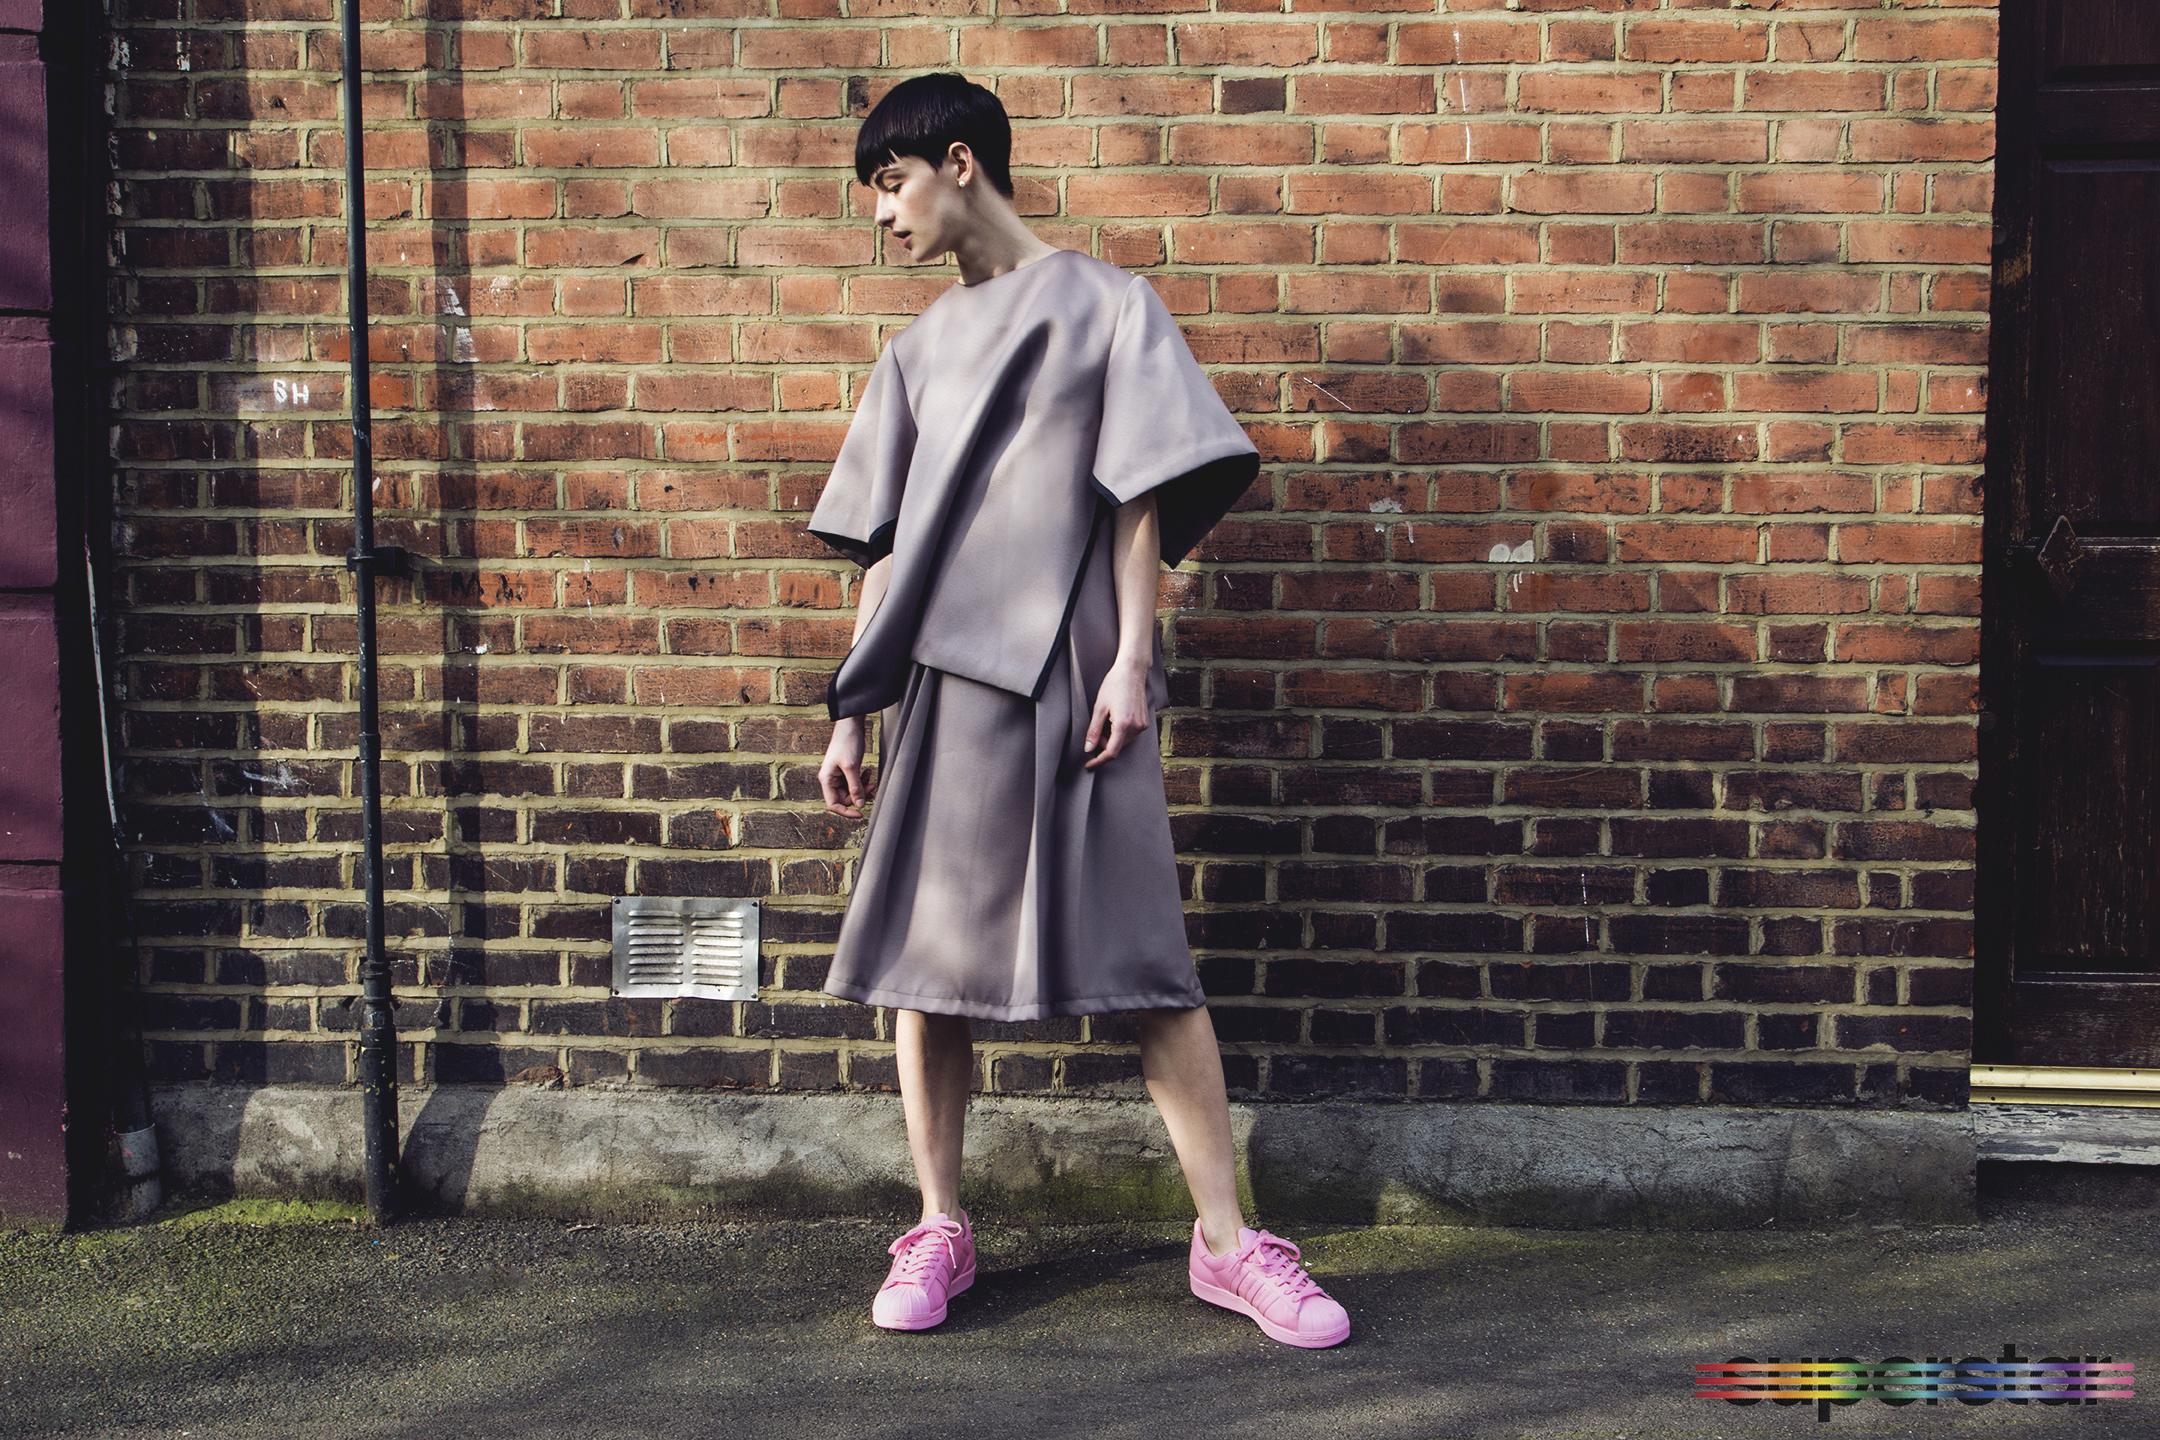 adidassupercolor3weblogo.jpg